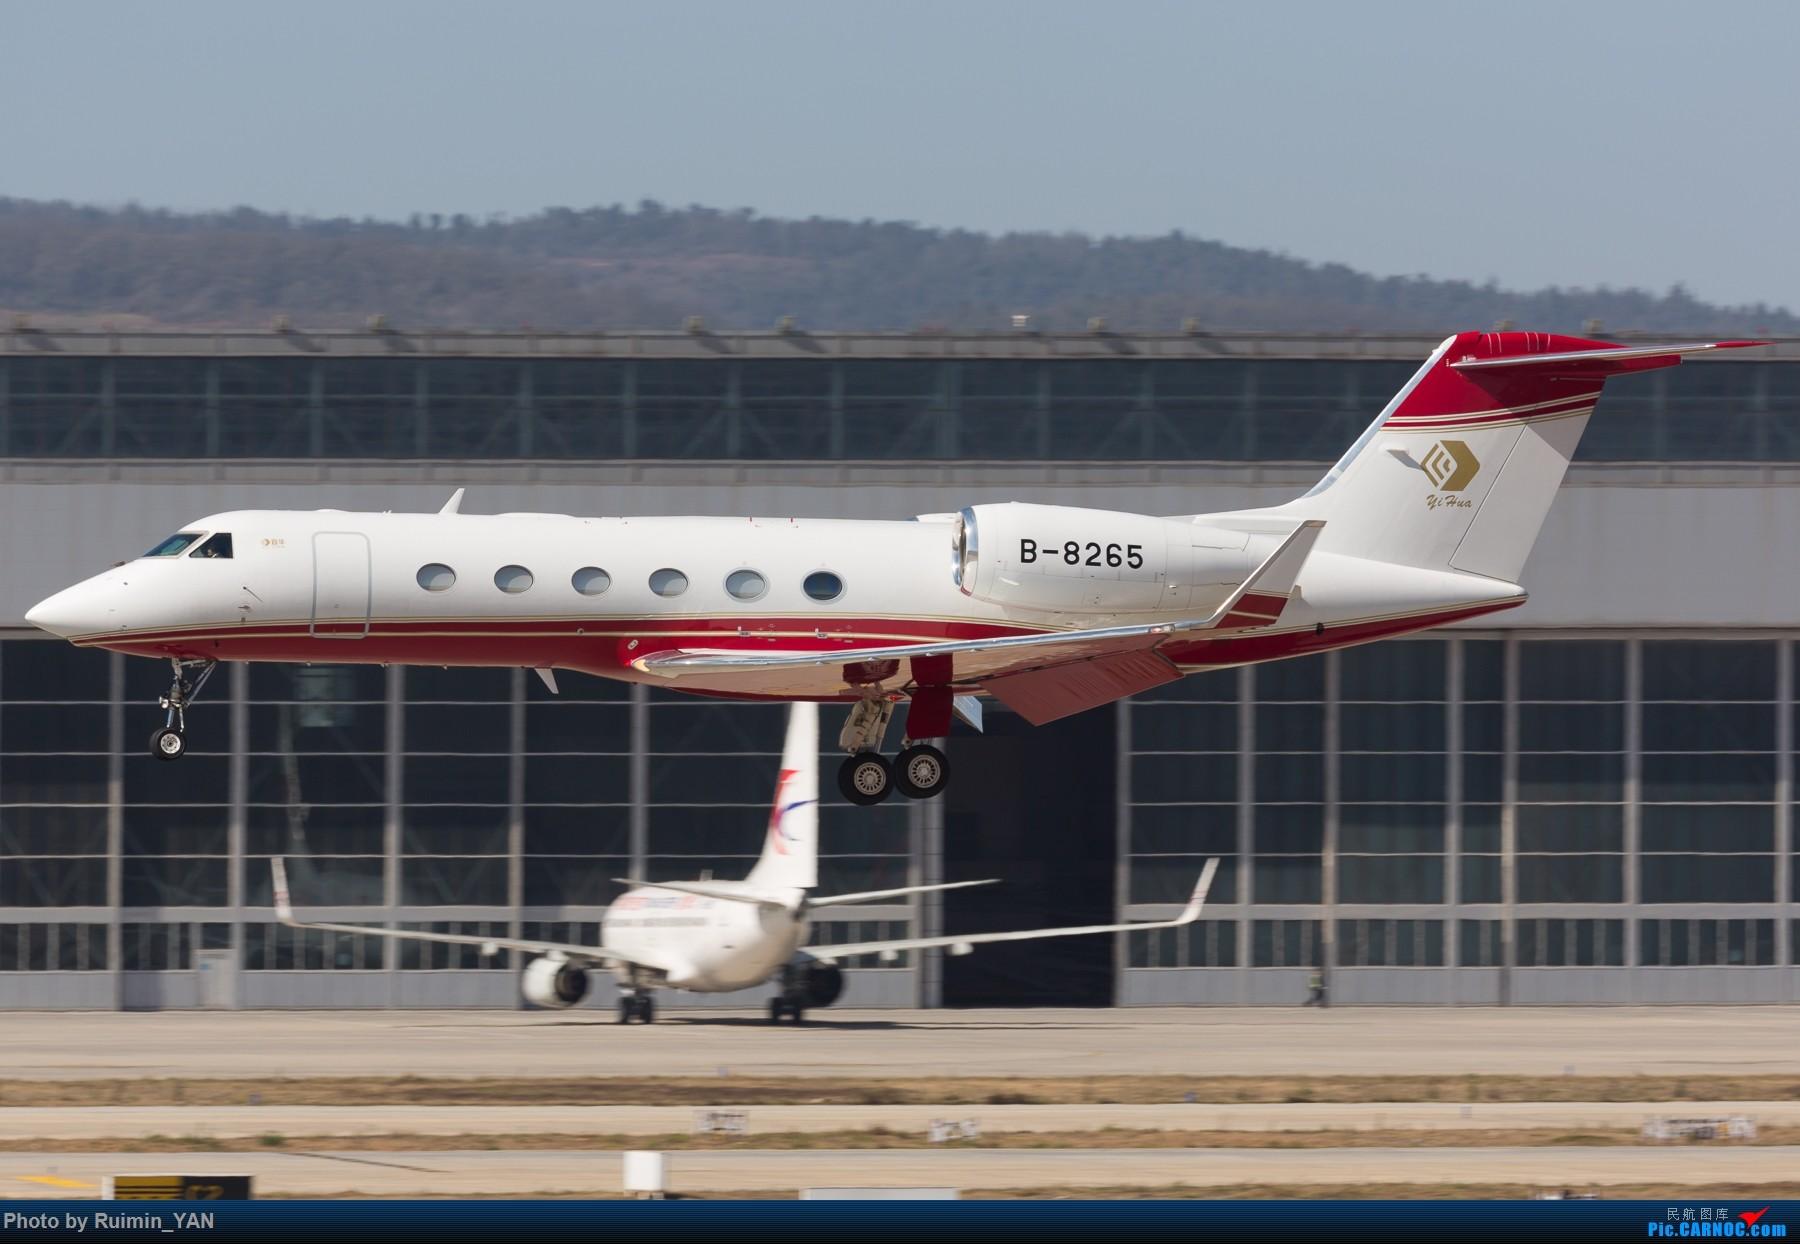 【KMG】宜华集团(YiHua) B-8265 湾流Gulfstream G450 GULFSTREAM G450 B-8265 中国昆明长水国际机场